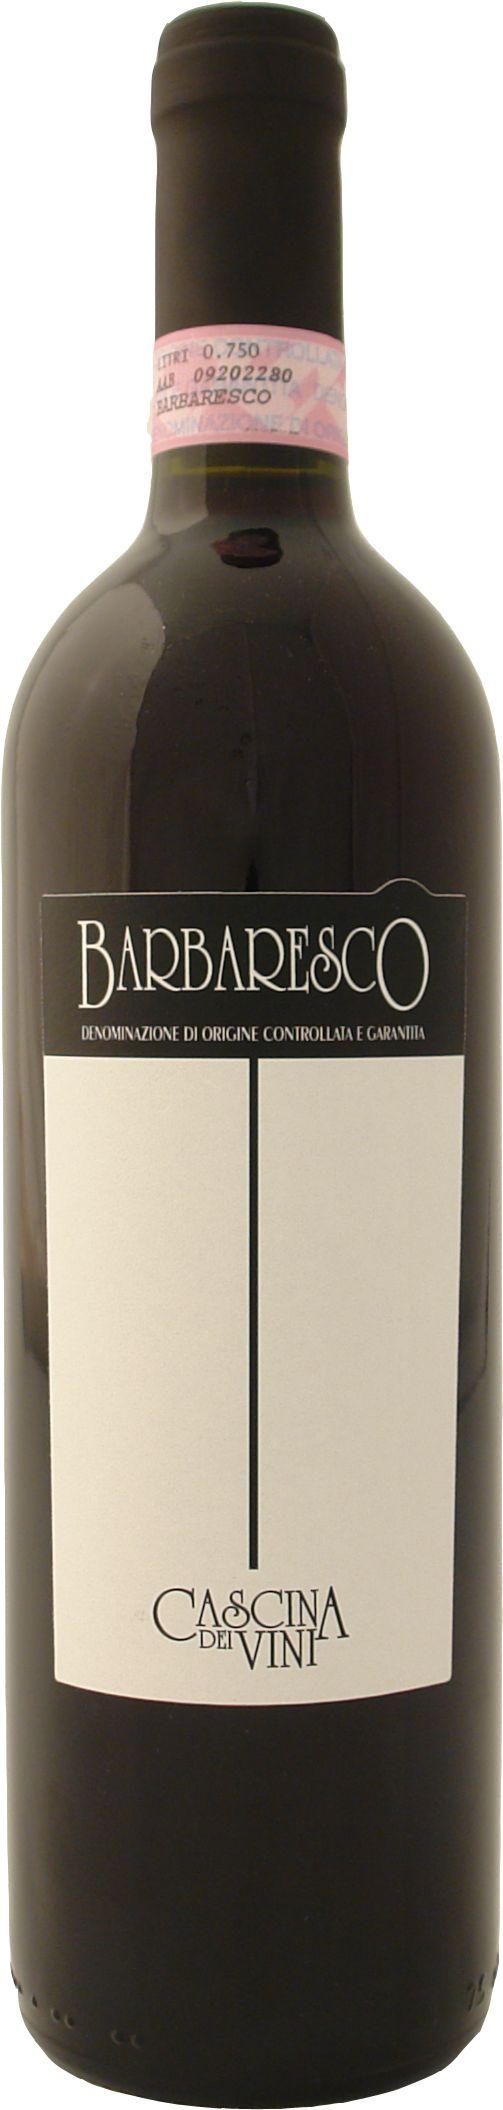 Barbaresco DOCG - Cascina dei Vini - Bernard - Il Sapore della Natura